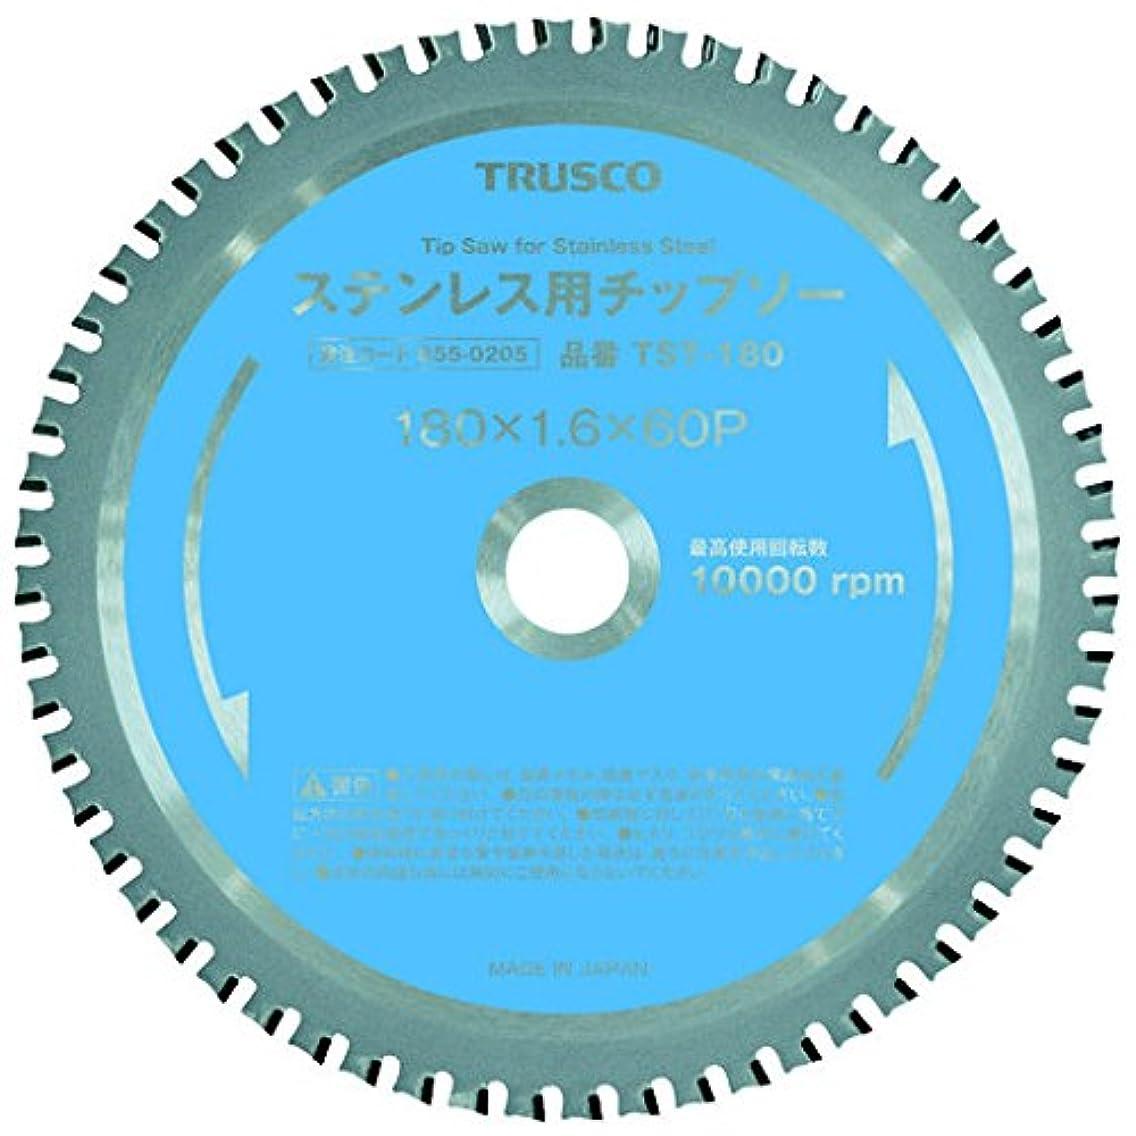 起こりやすいホイスト冗談でTRUSCO(トラスコ) ステンレス用チップソー Φ355 TST-355